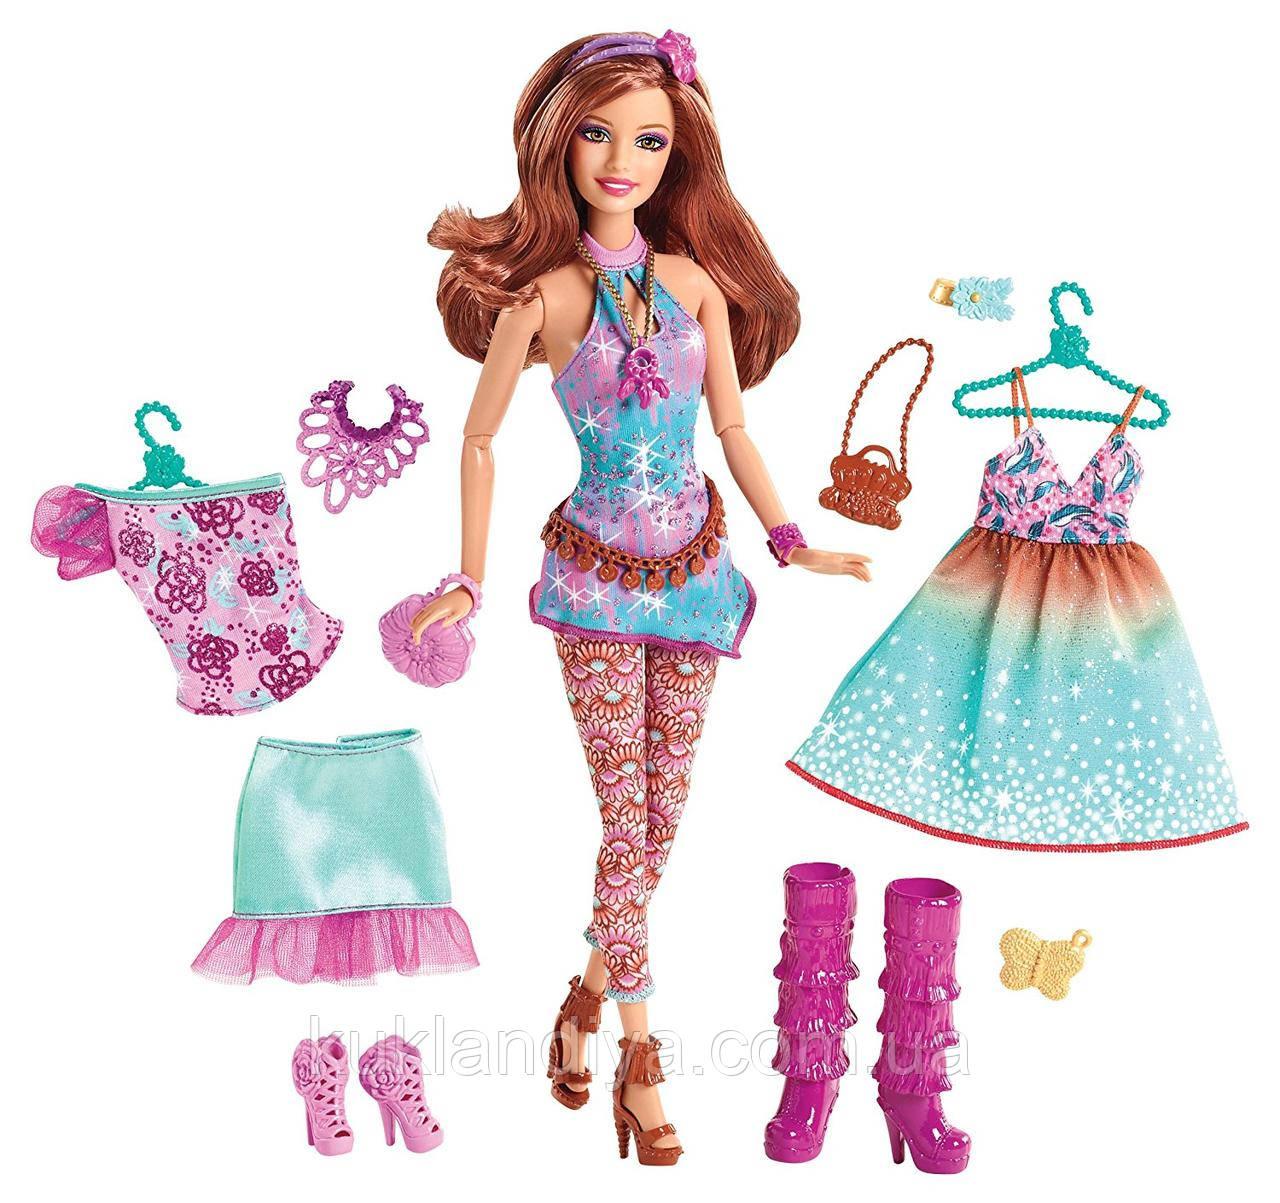 """Лялька Барбі """"Модниця"""" Великий гардероб"""" BARBIE FASHIONISTAS"""